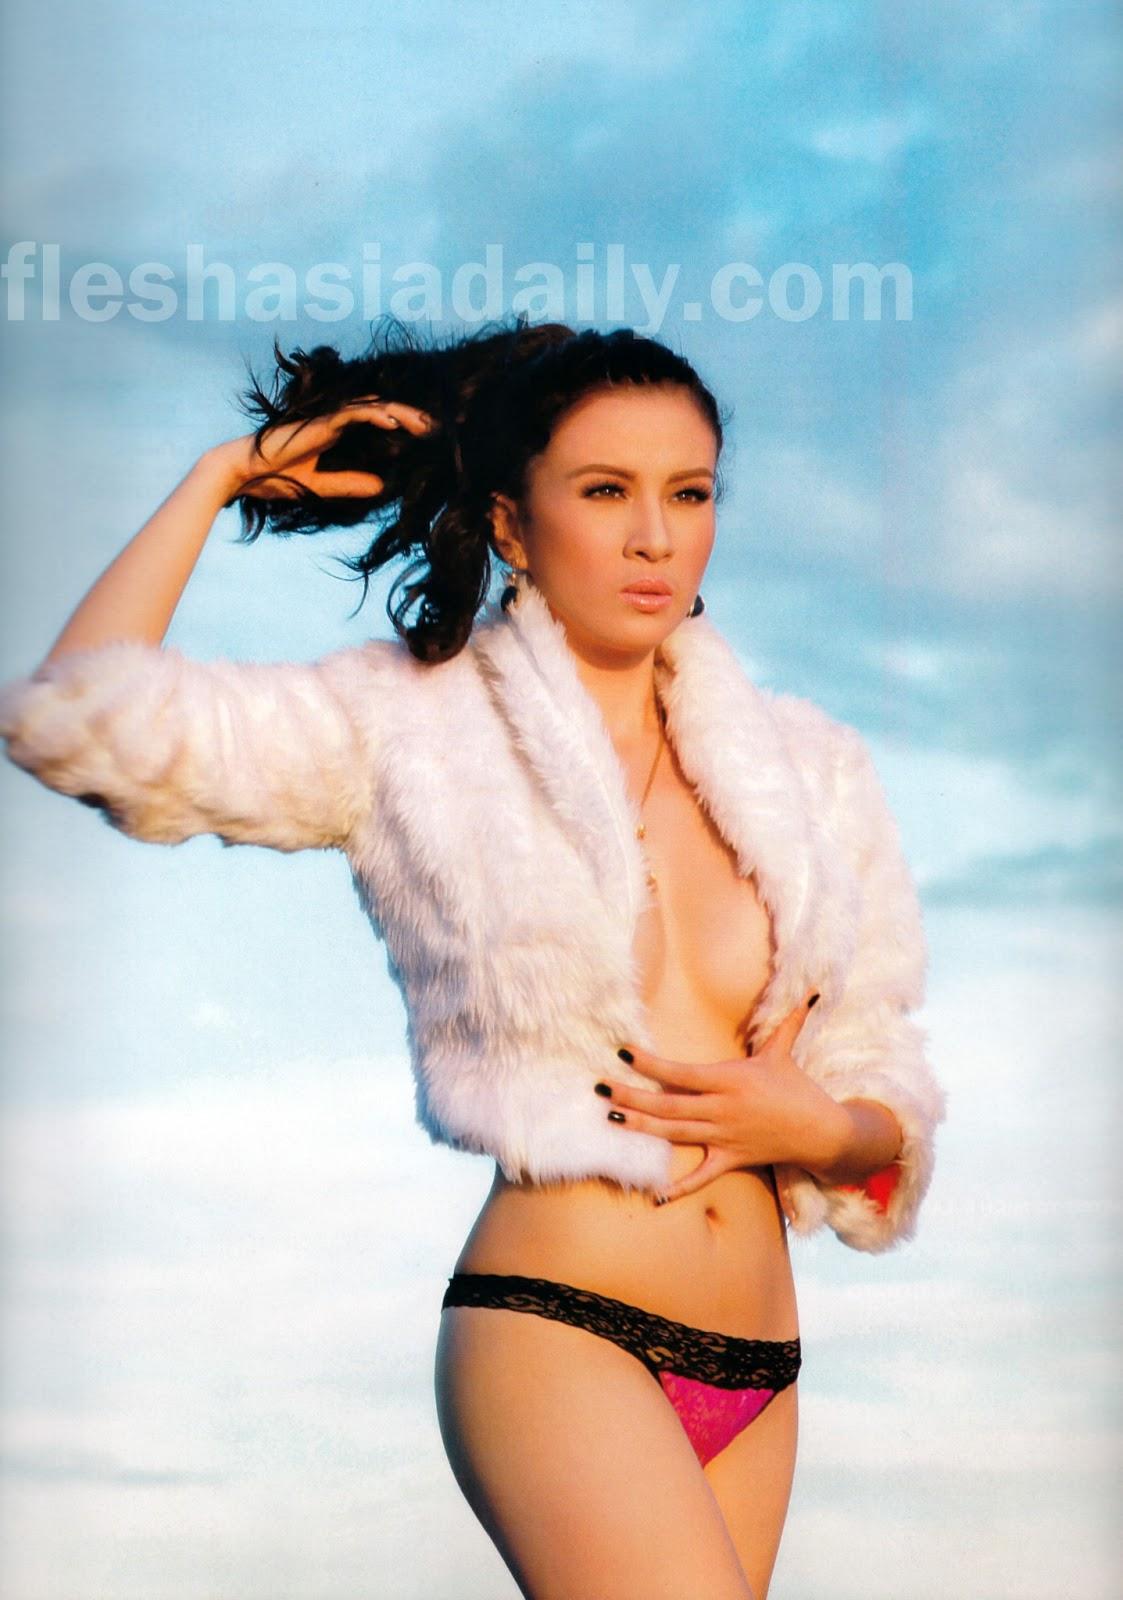 janna dominguez naked pics 3